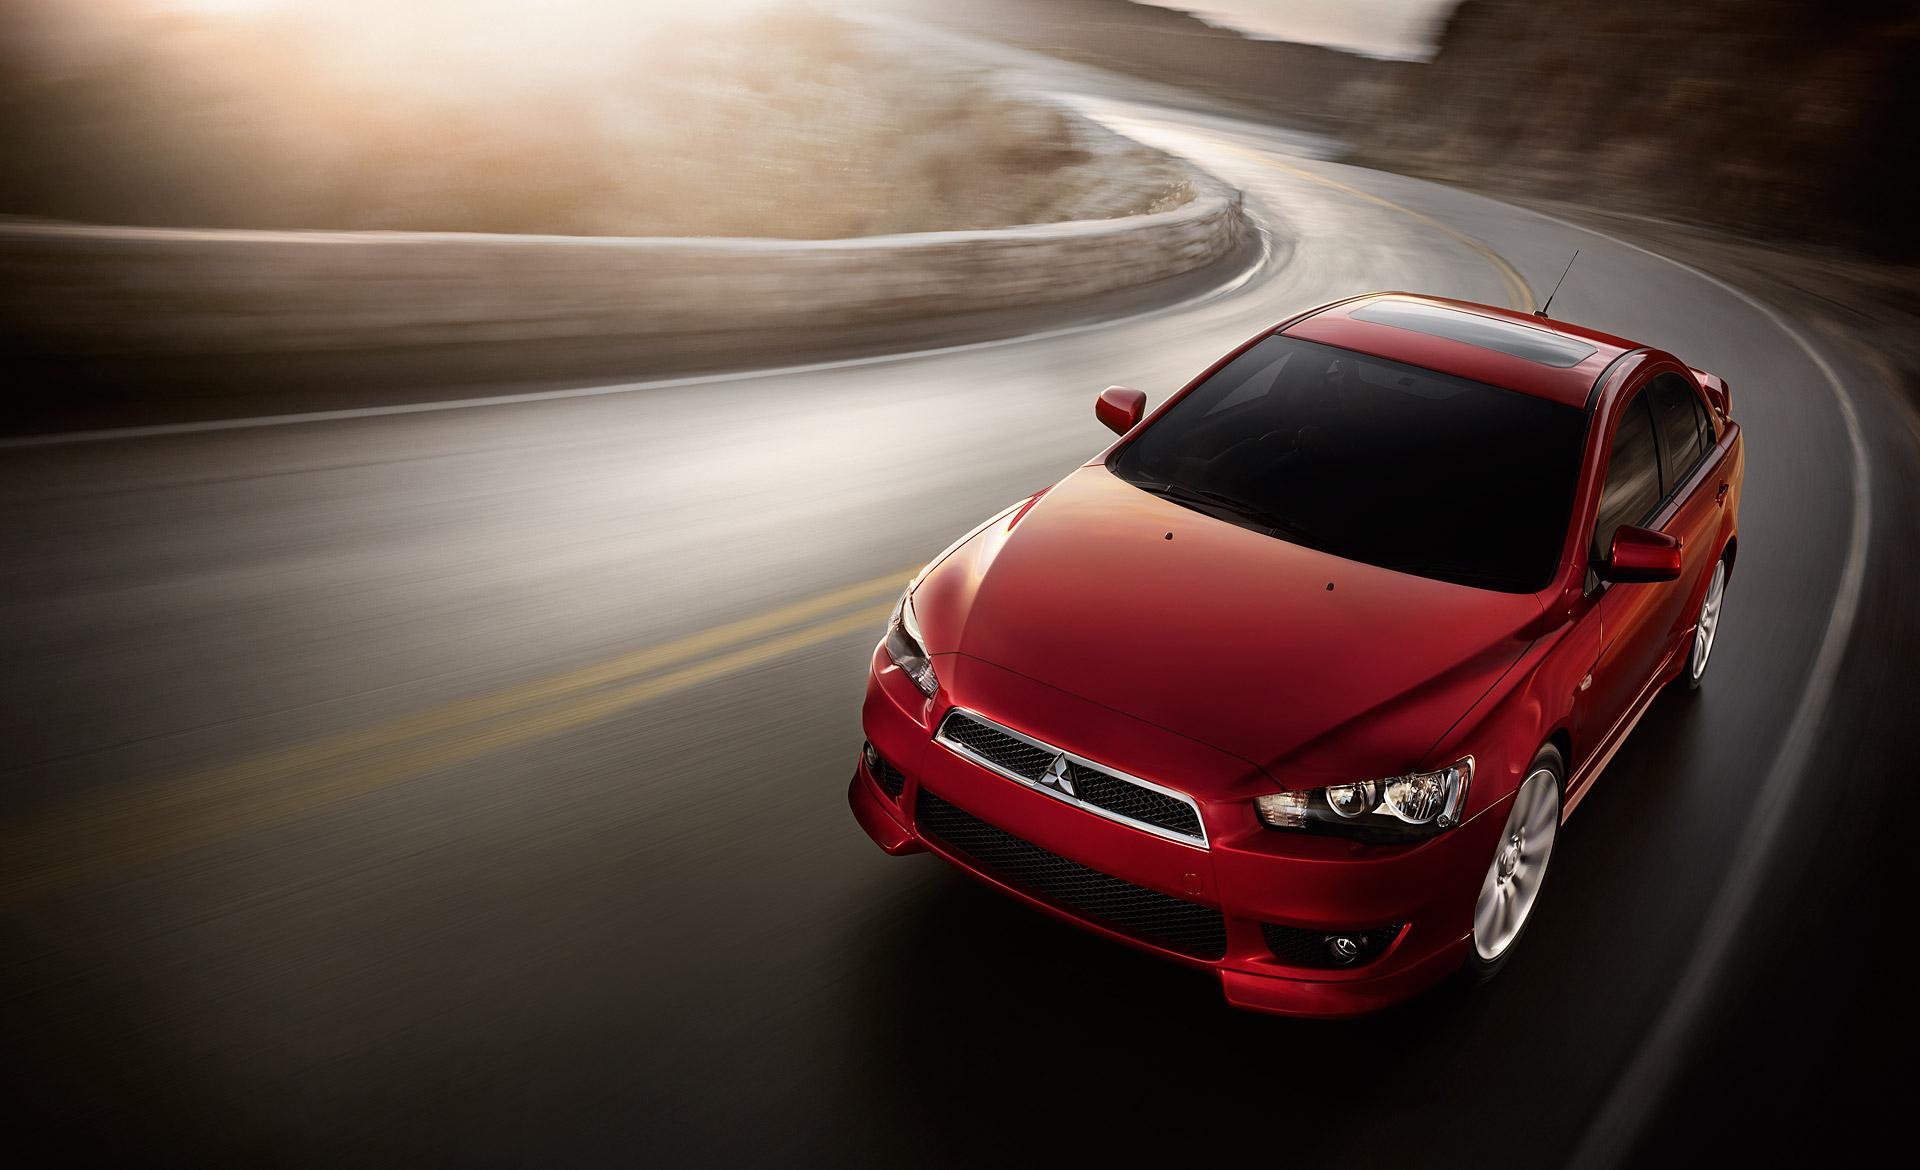 красный автомобиль скорость без смс